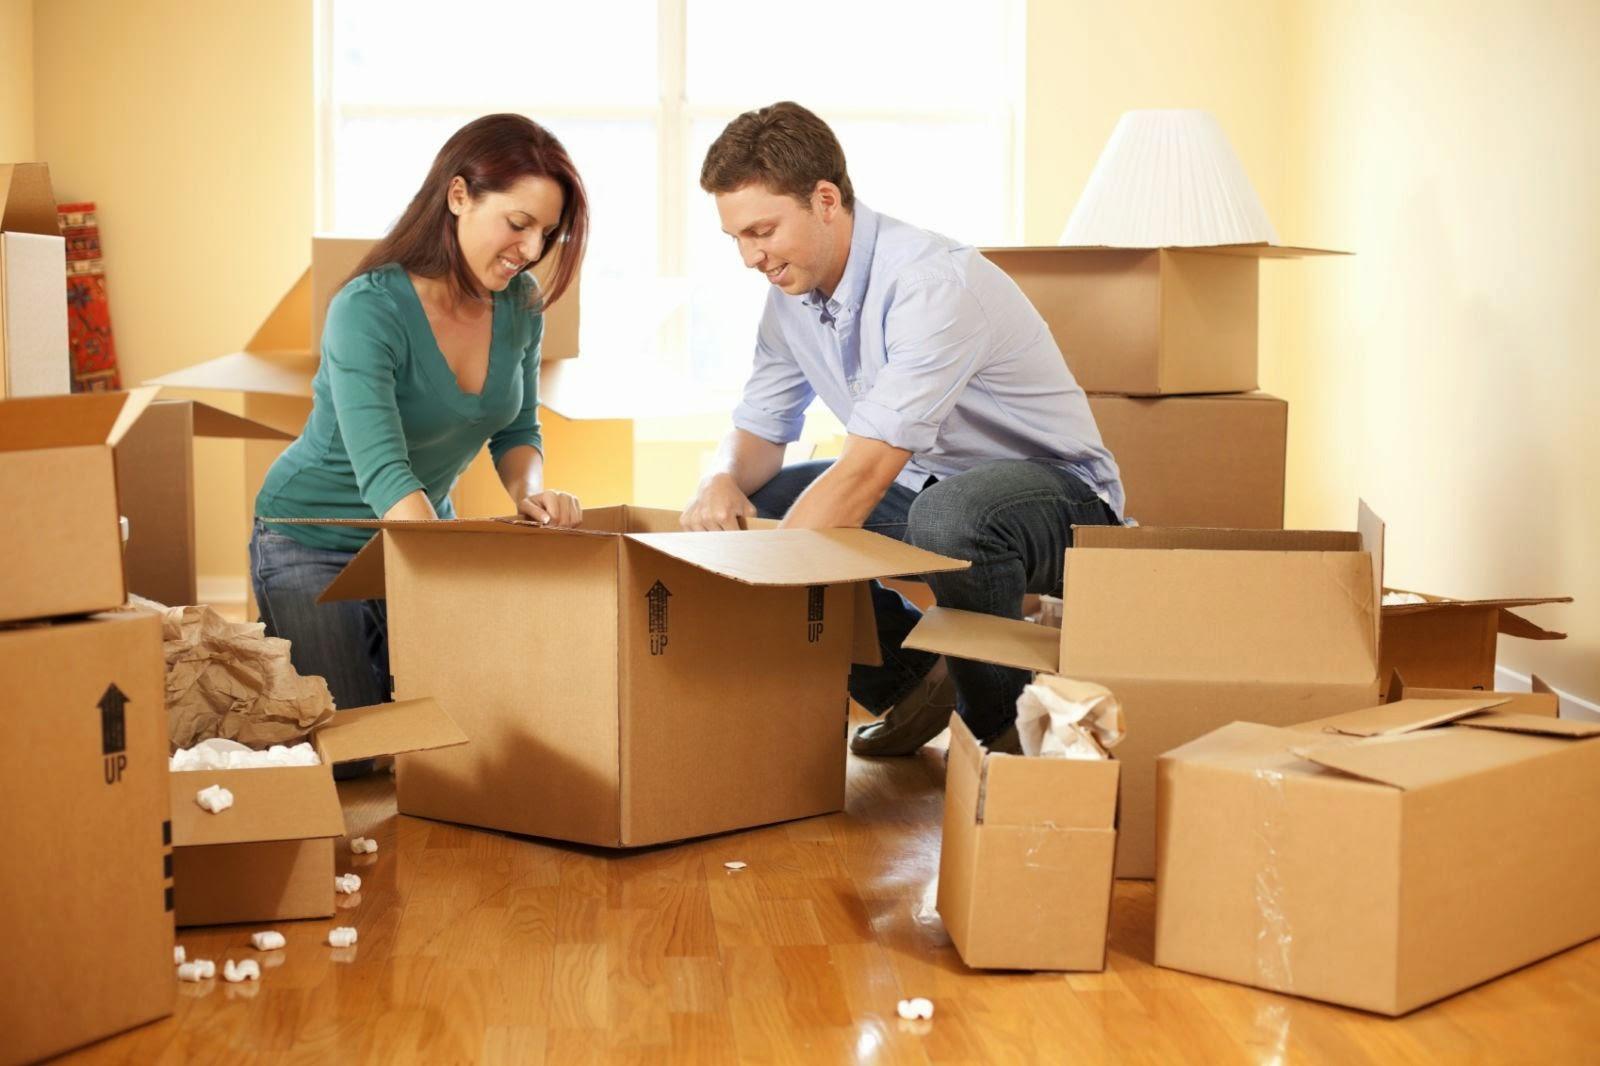 Rủi ro khi thuê dịch vụ chuyển văn phòng thiếu chuyên nghiệp